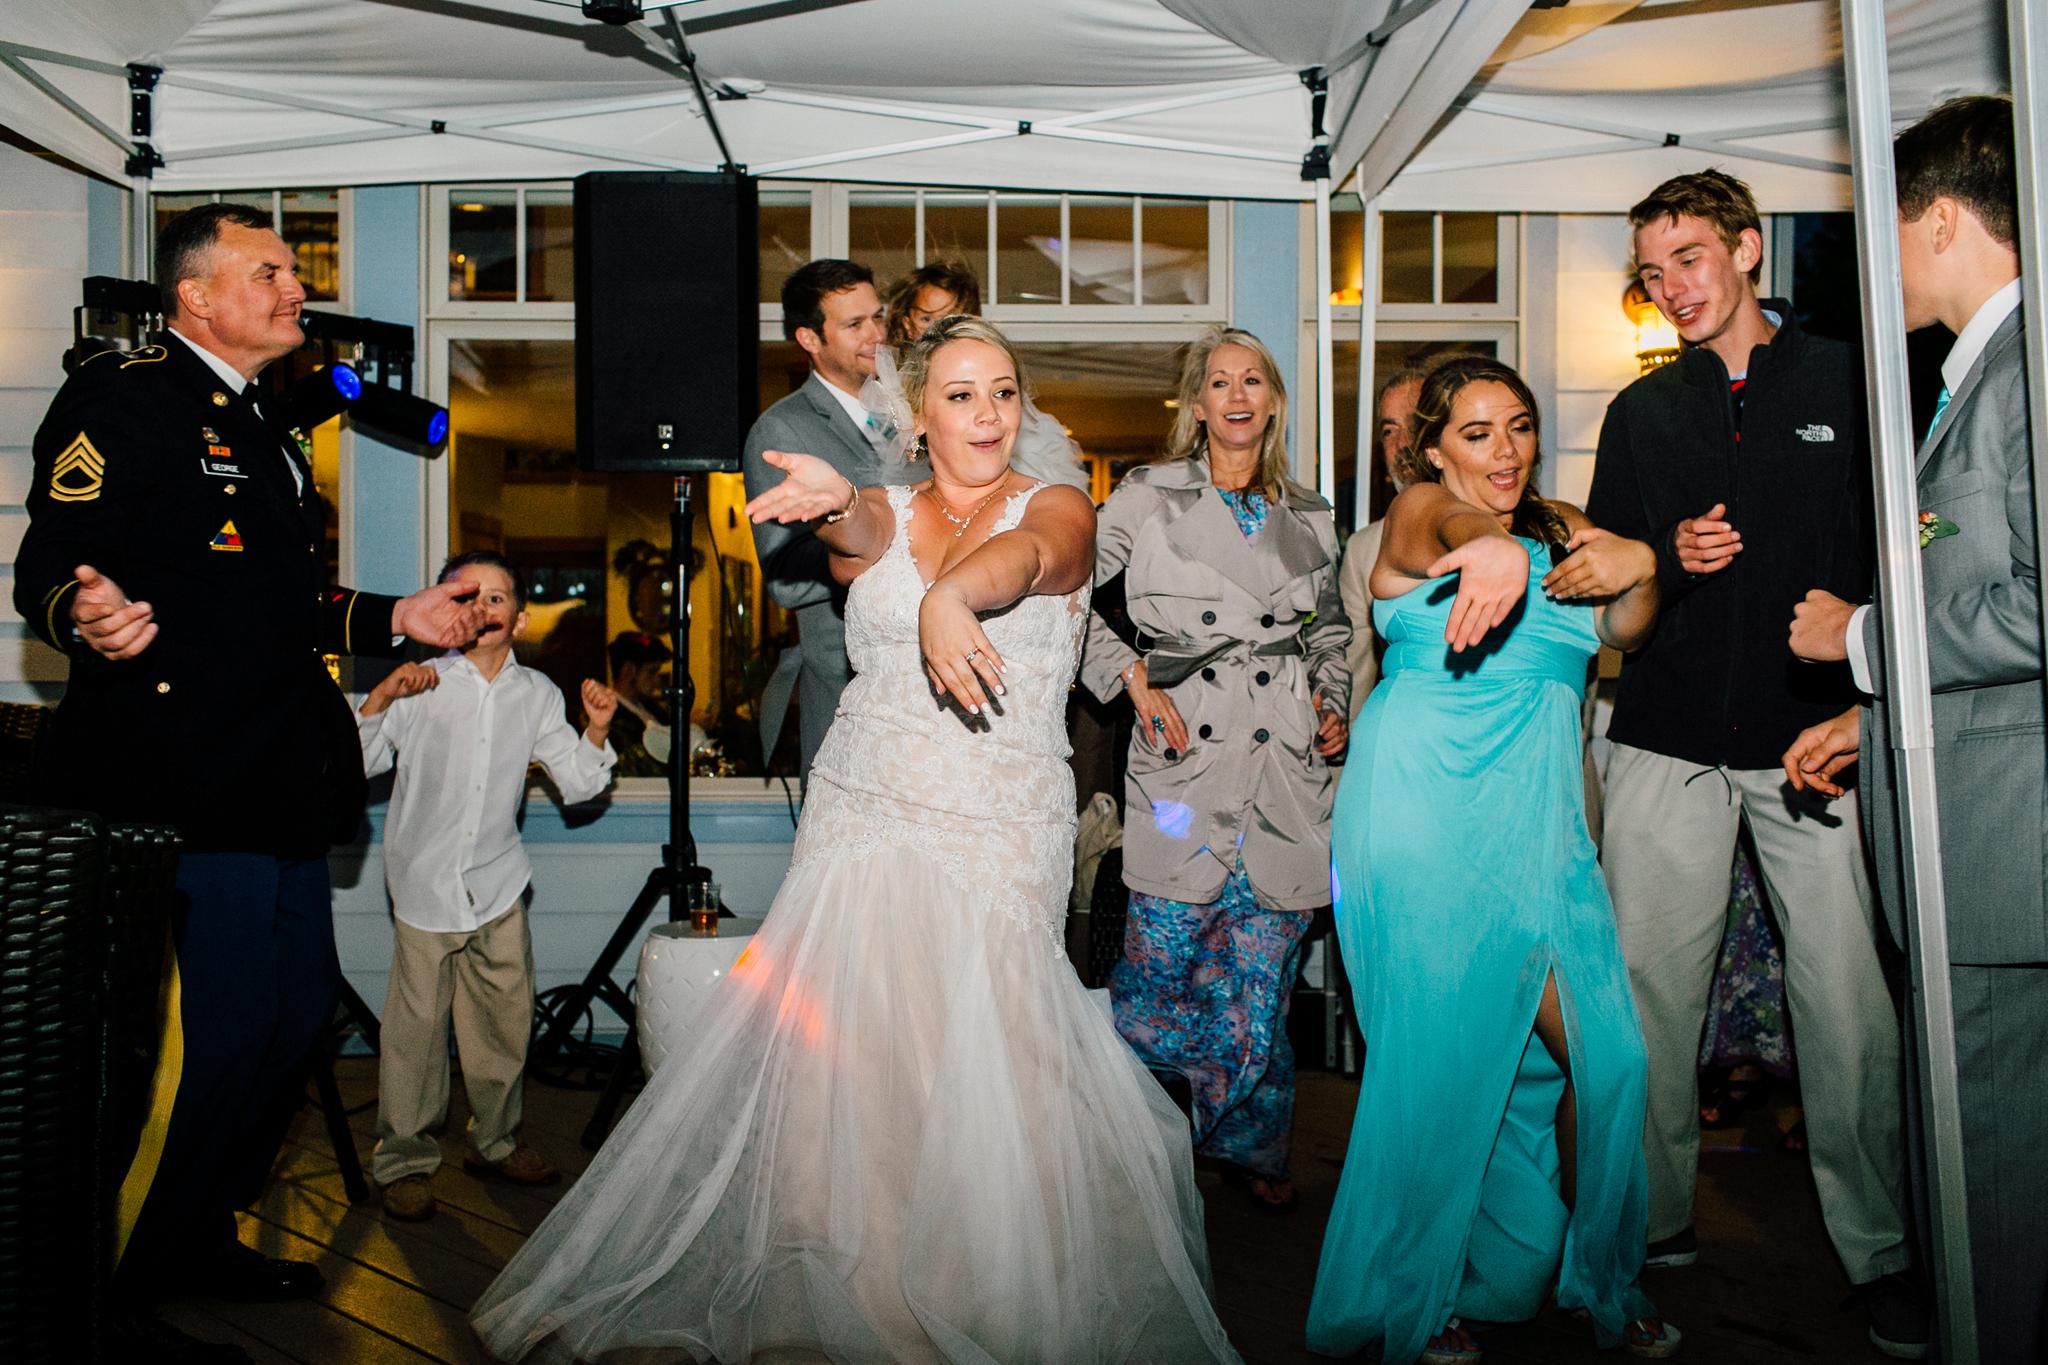 102-bellingham-wedding-photographer-beach-katheryn-moran-elisa-phillip.jpg